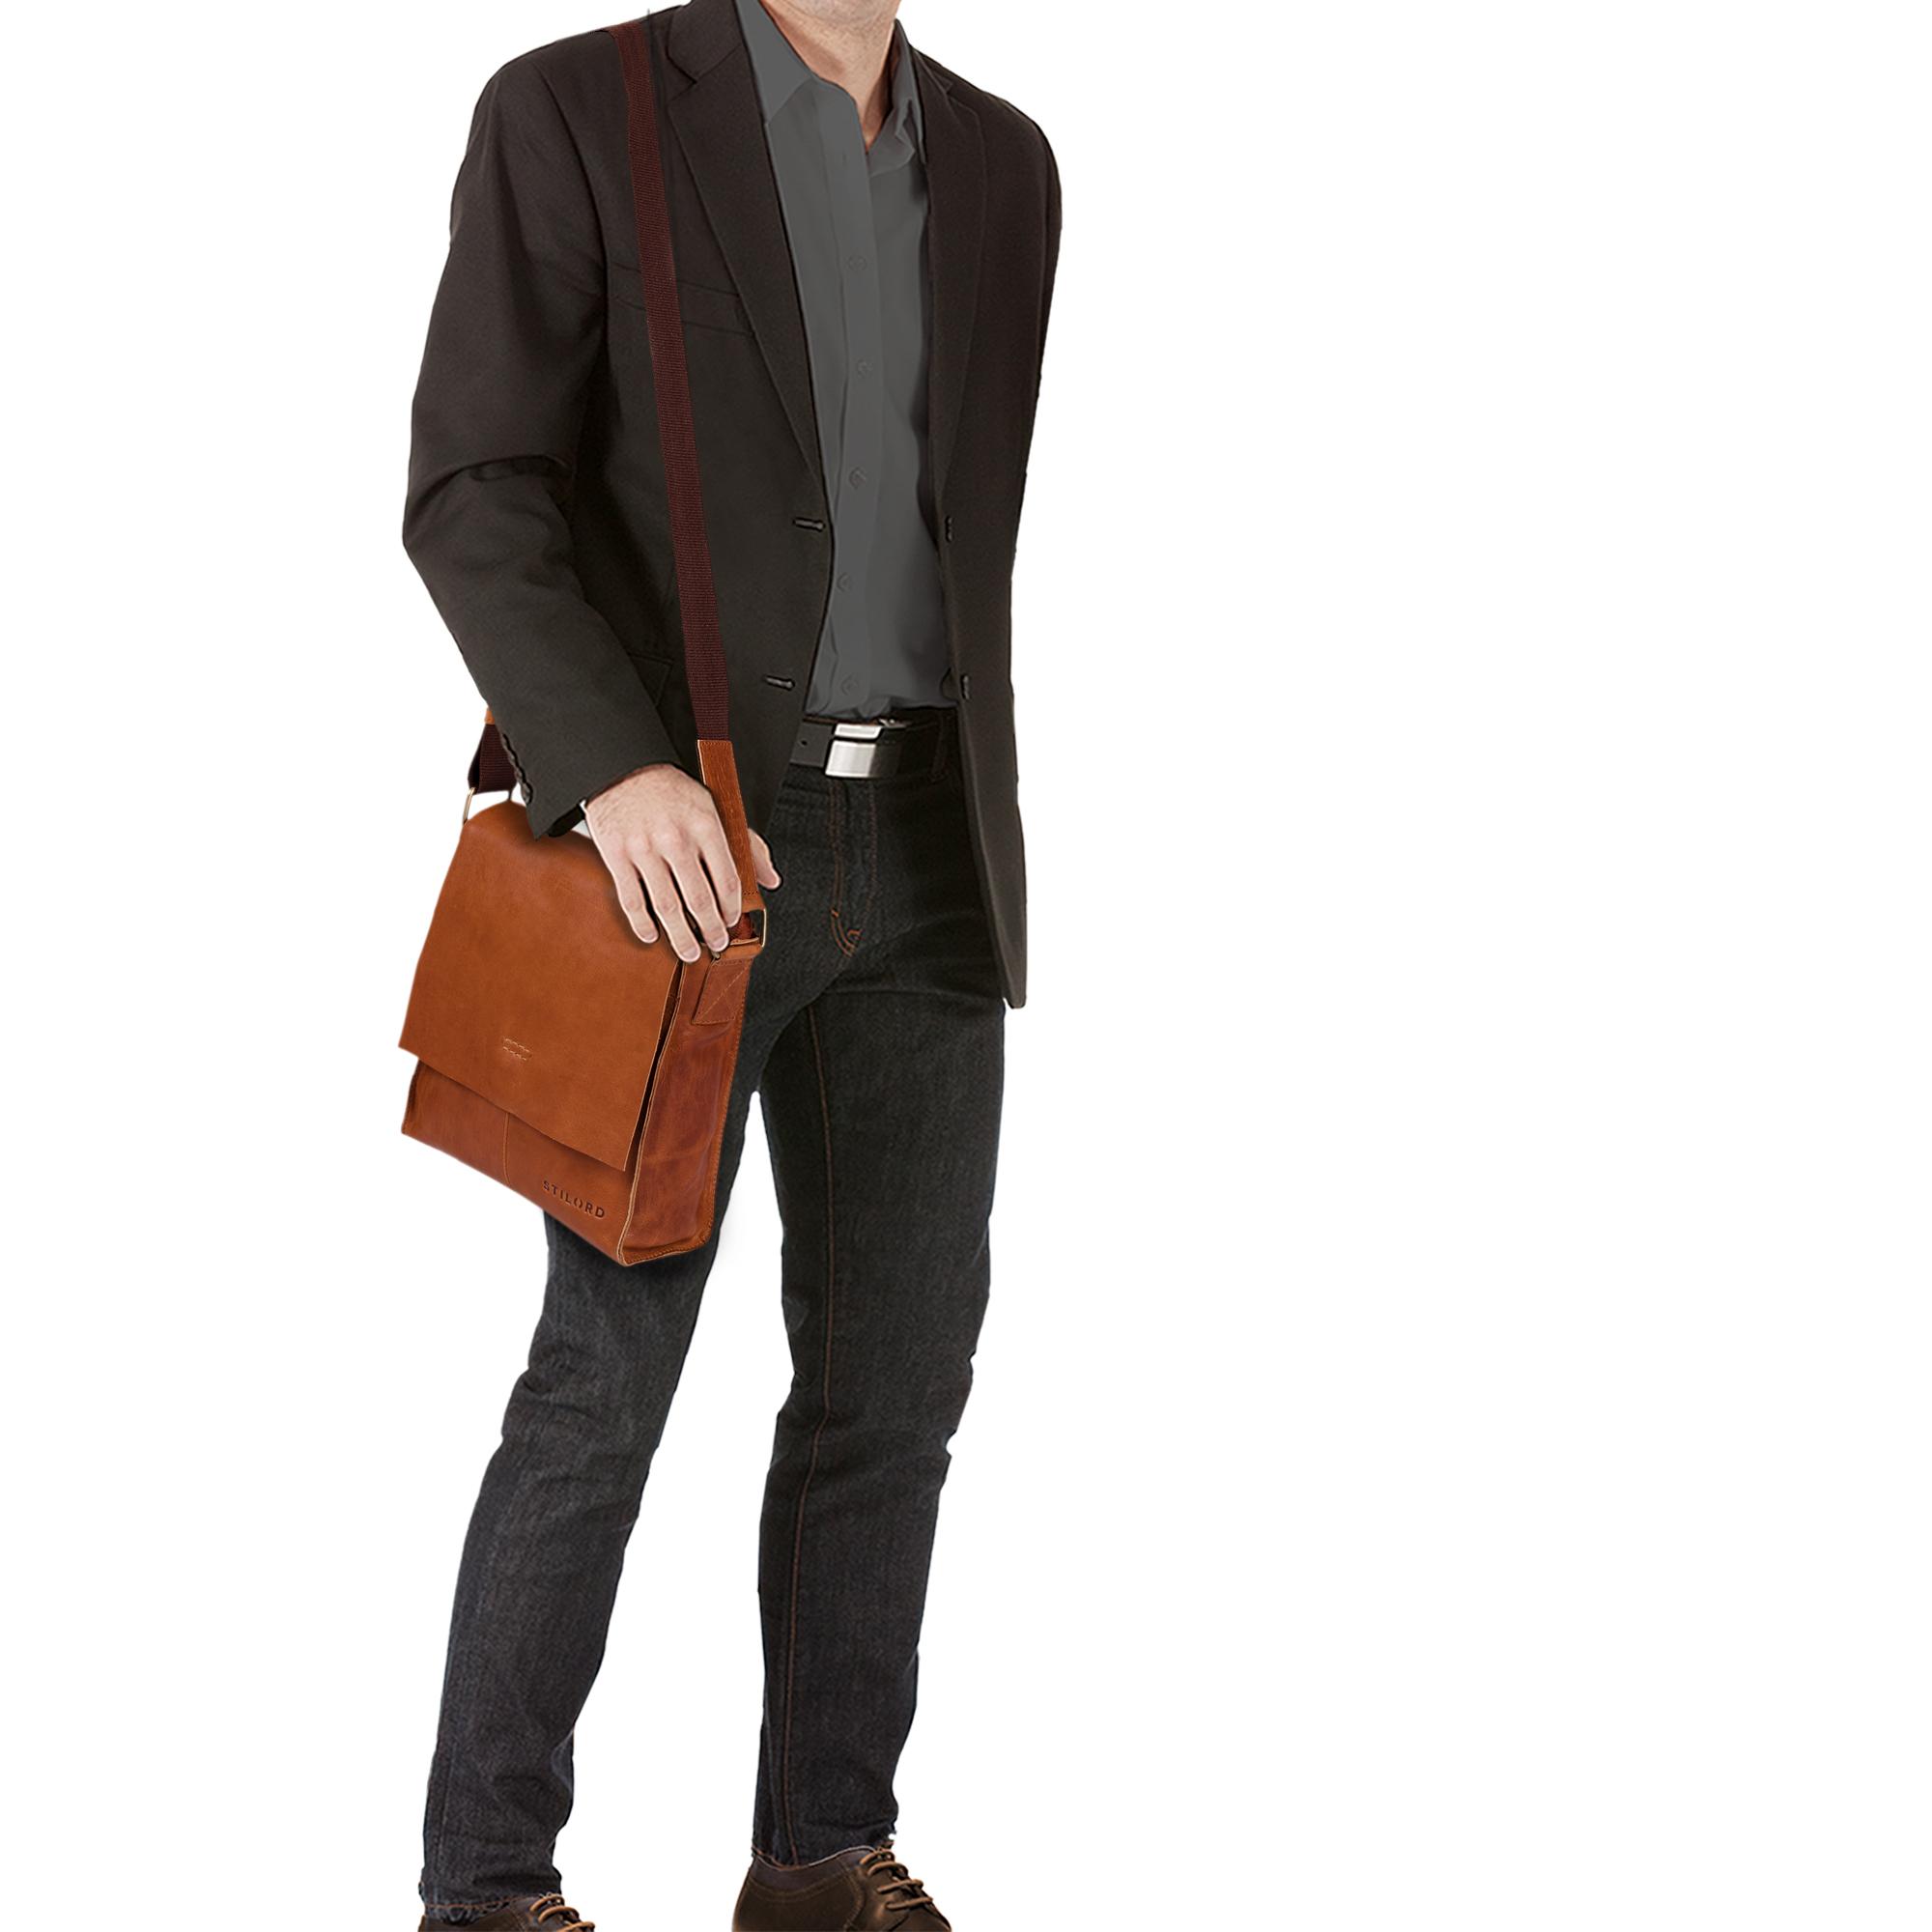 """STILORD """"Malte"""" Kleine Messenger Bag Leder Herren Vintage Schultertasche Umhängetasche für 9.7 Zoll Tablet iPad Handtasche A5 echtes Rindsleder - Bild 10"""